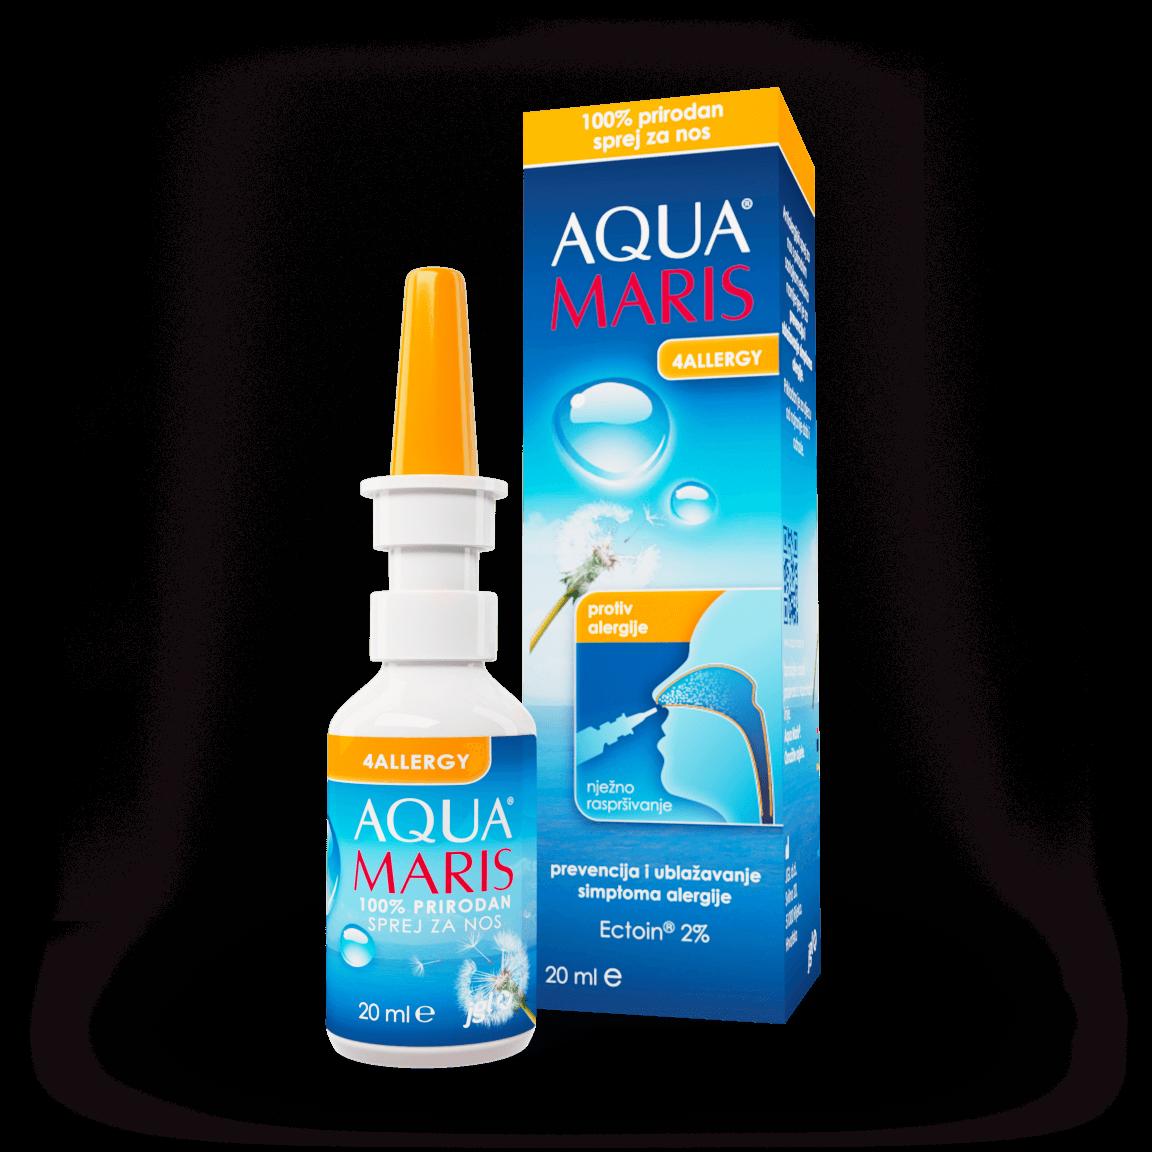 Aqua Maris 4Allergy